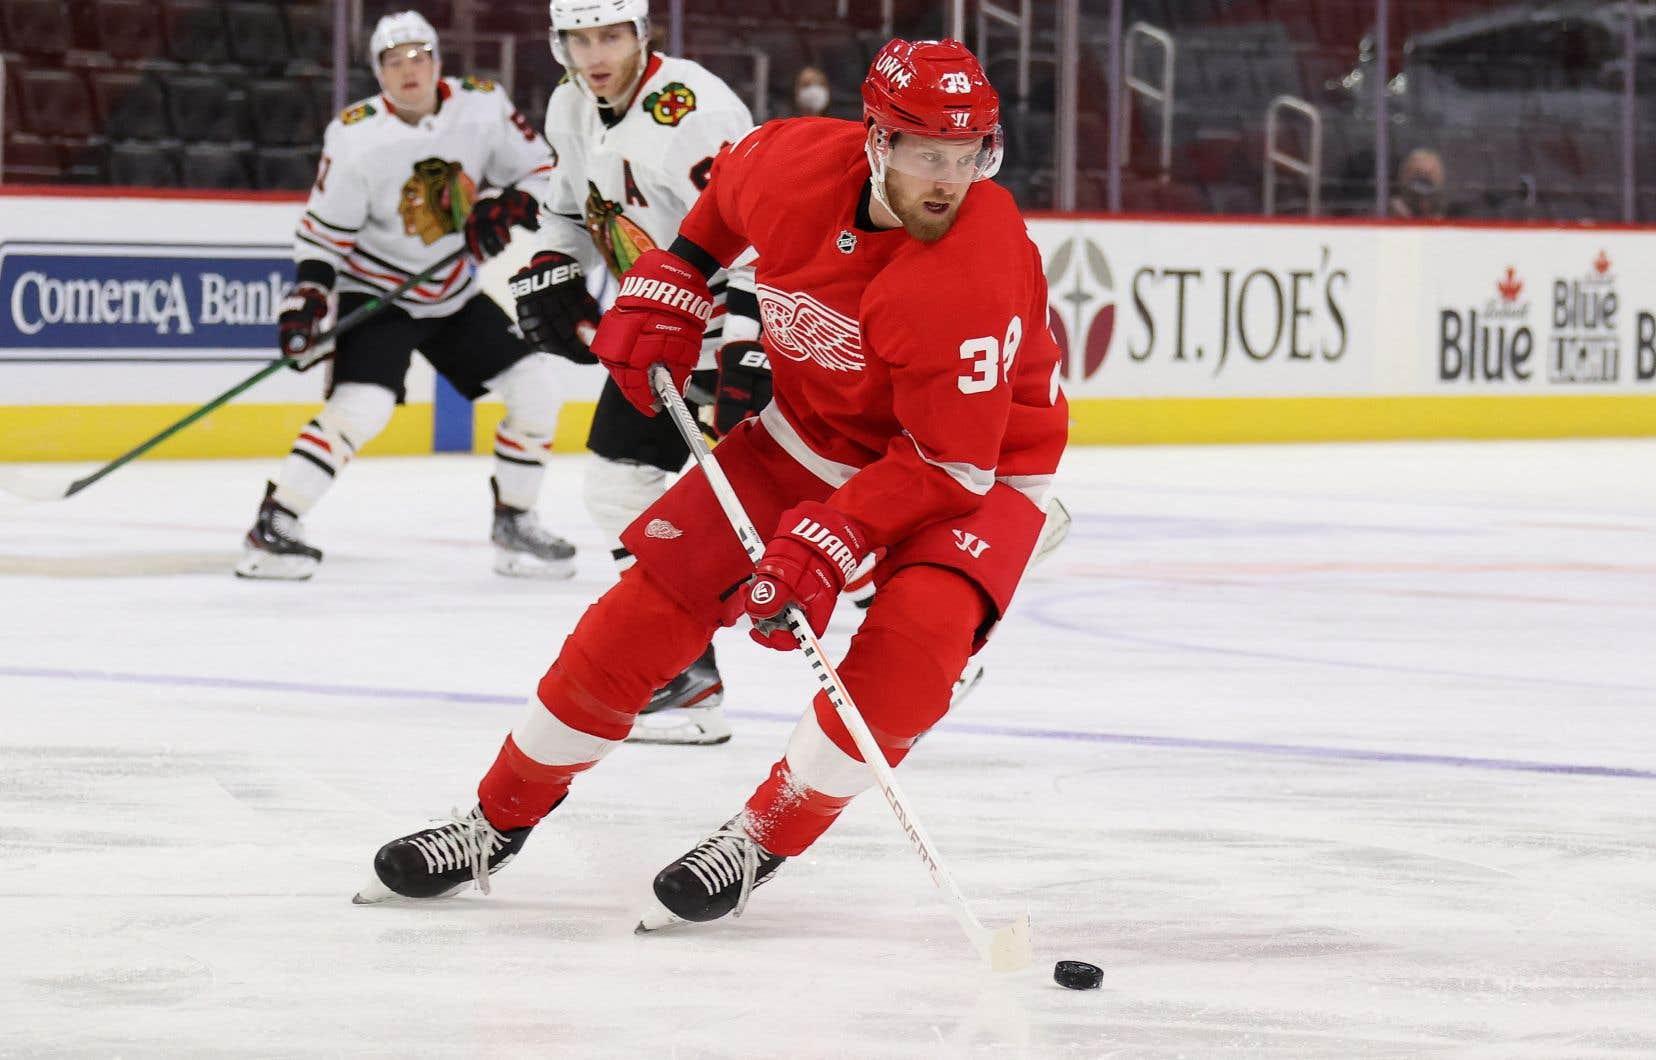 Les Red Wings ont échangé le franc-tireur Anthony Mantha aux Capitals en retour des attaquants Jakub Vrana et Richard Panik, ainsi que des choix de première ronde en 2021 et de deuxième ronde en 2022.